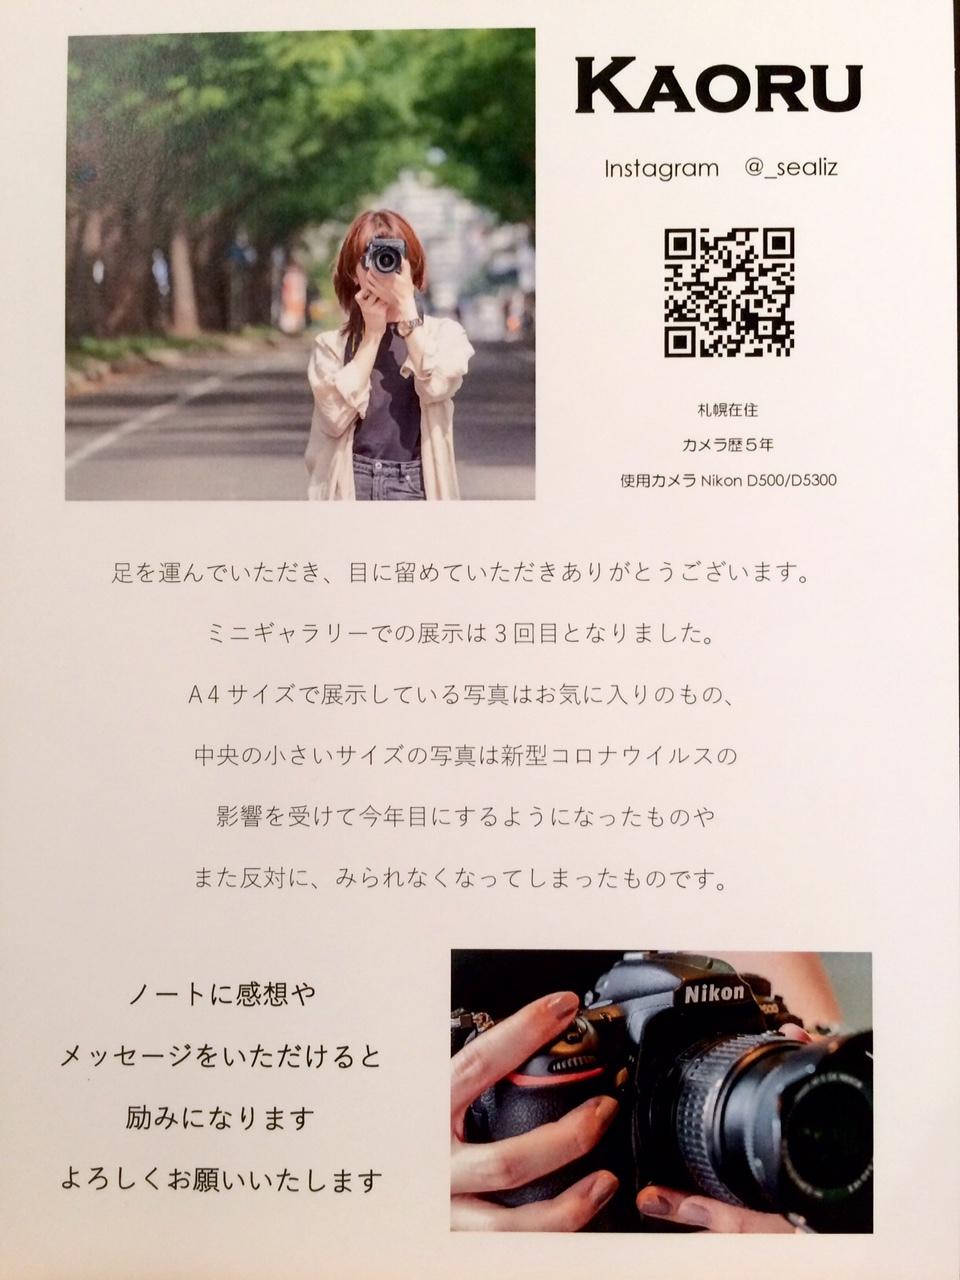 9月のミニギャラリーは KAORU さんです_c0227664_14232587.jpg